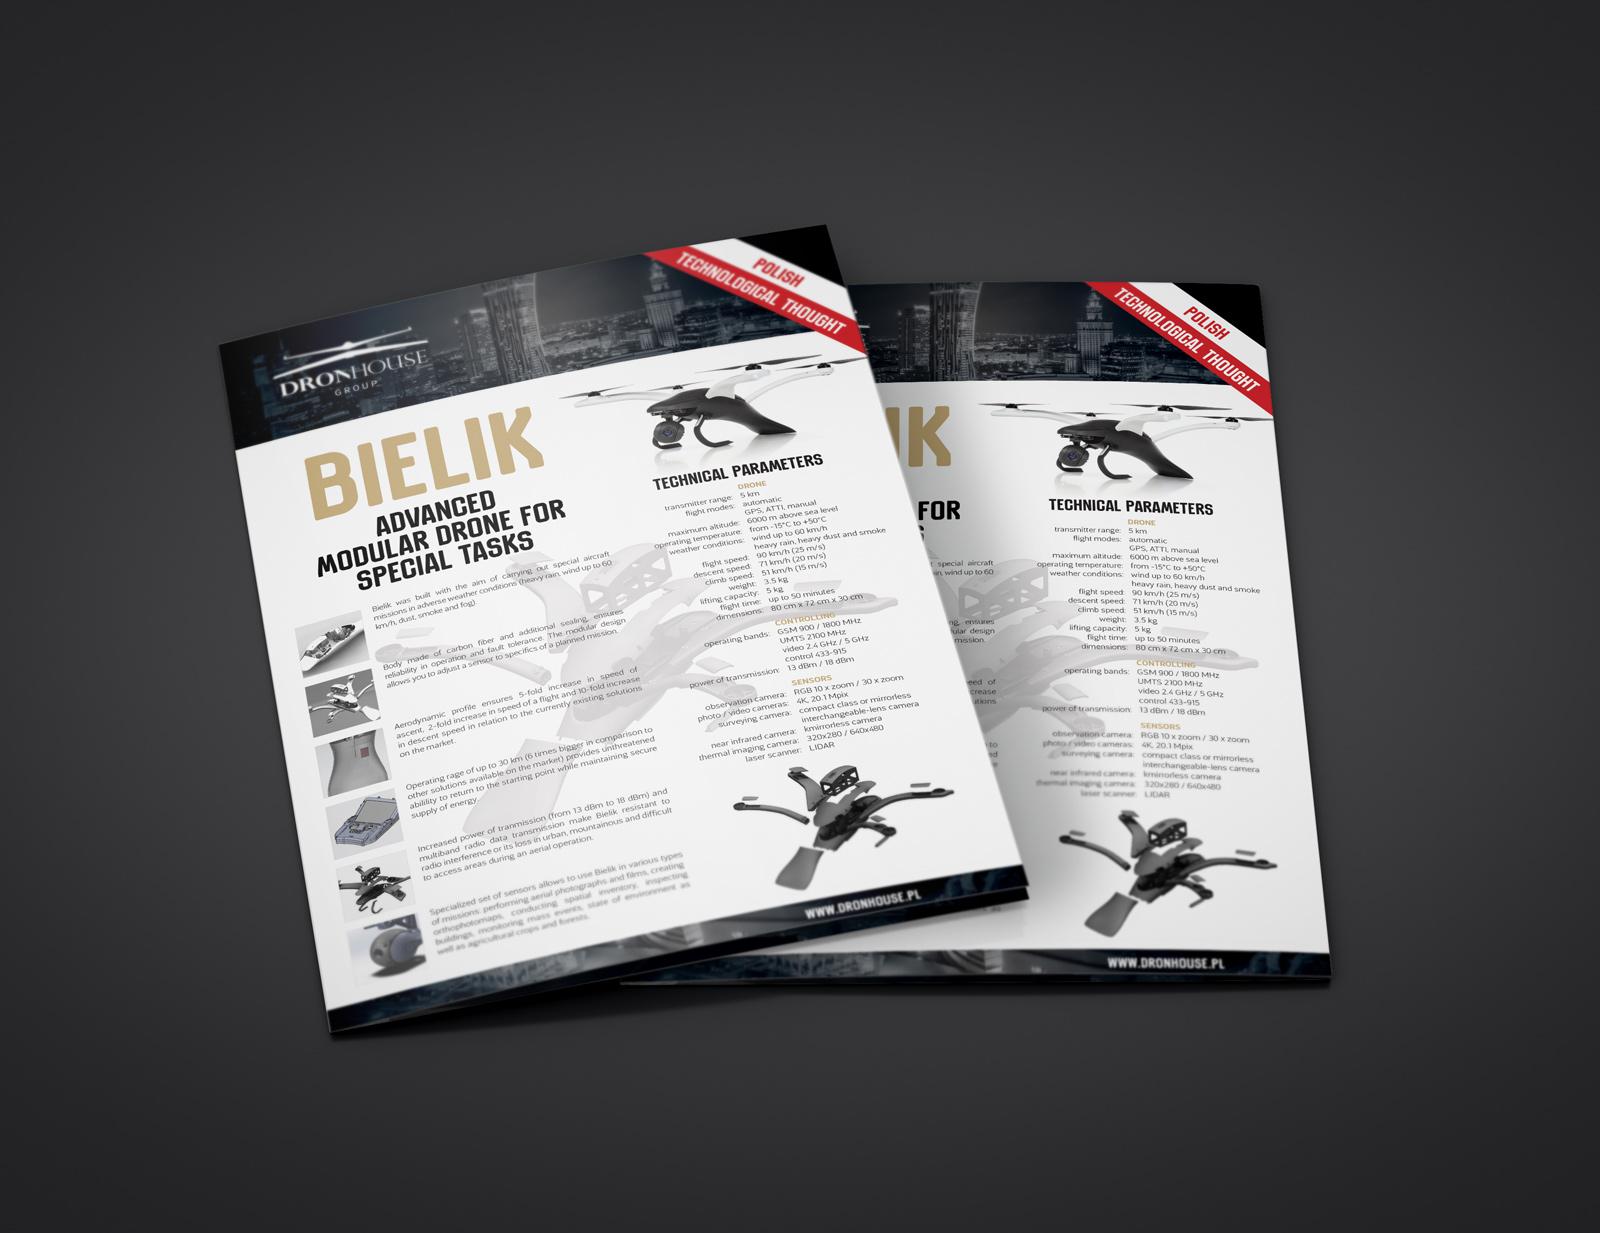 Ulotka Bielik i usługi ortofoto